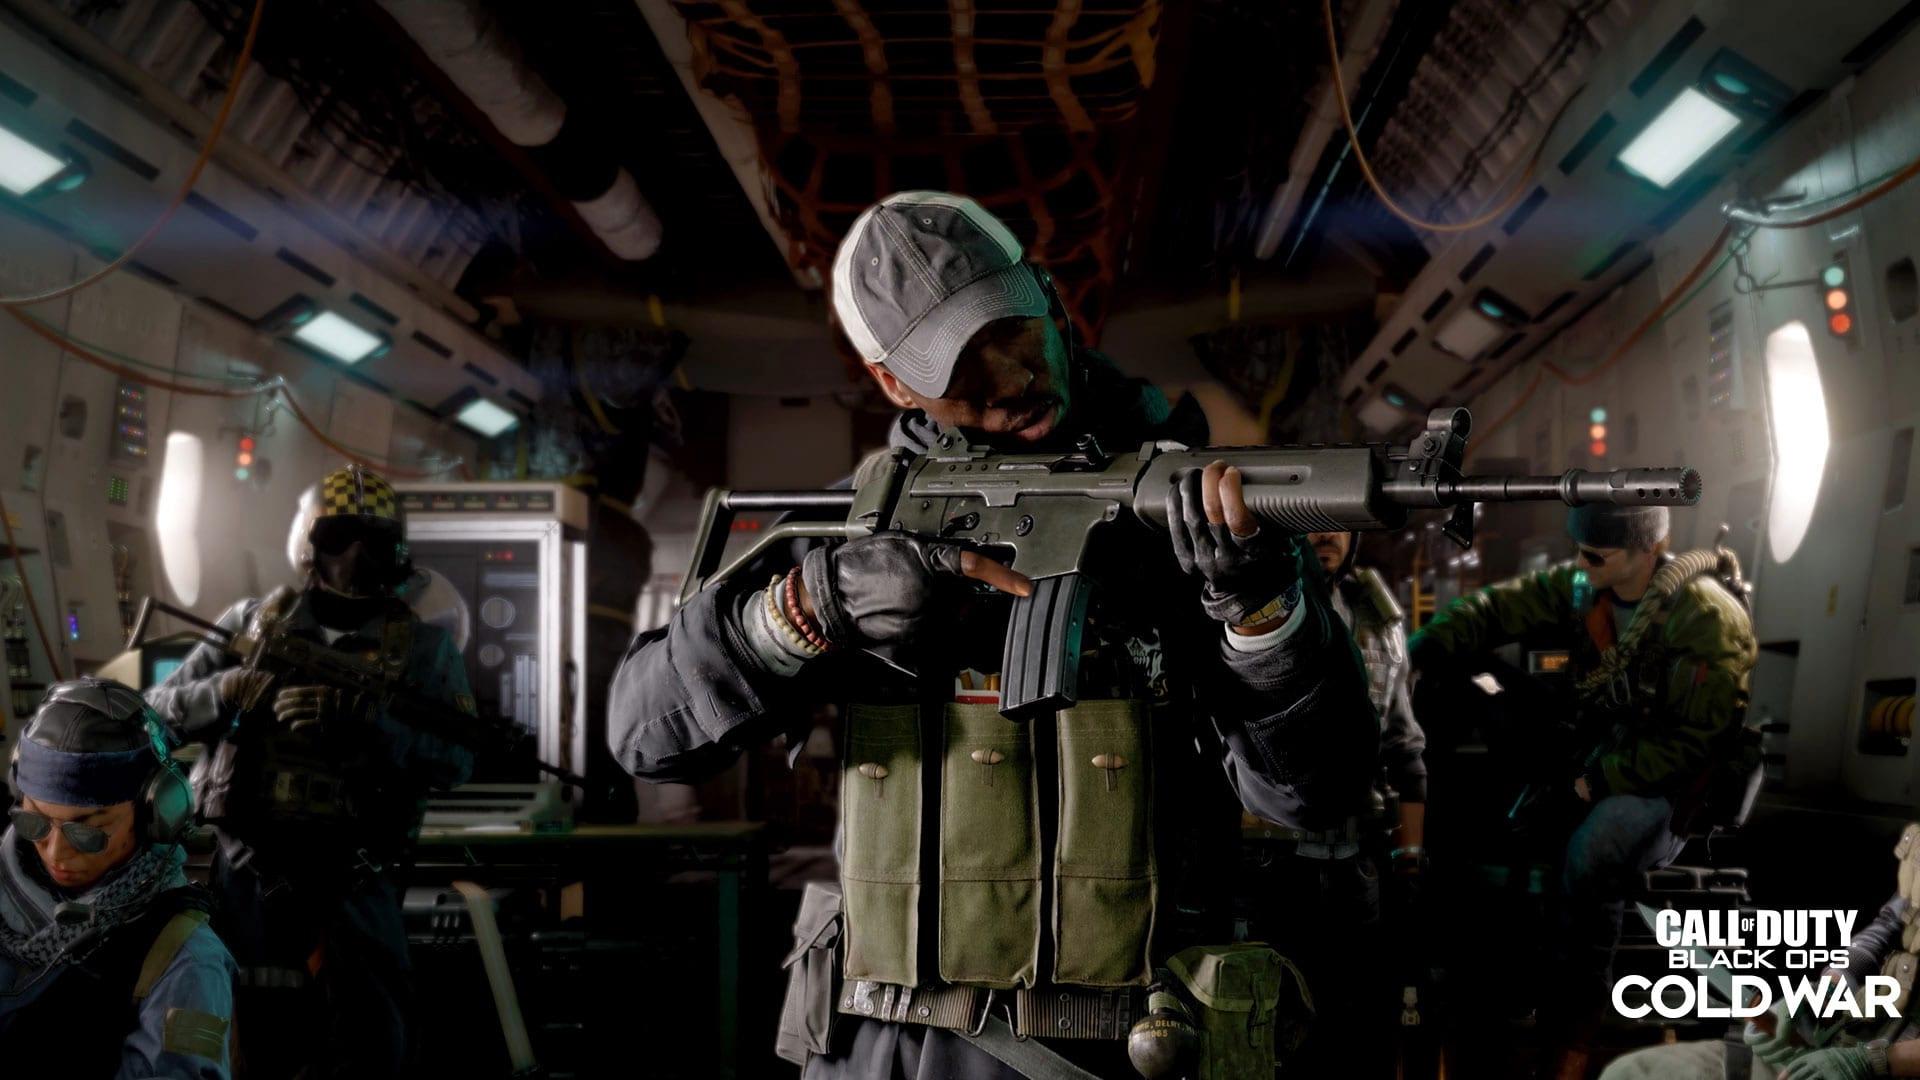 black ops cold war preload